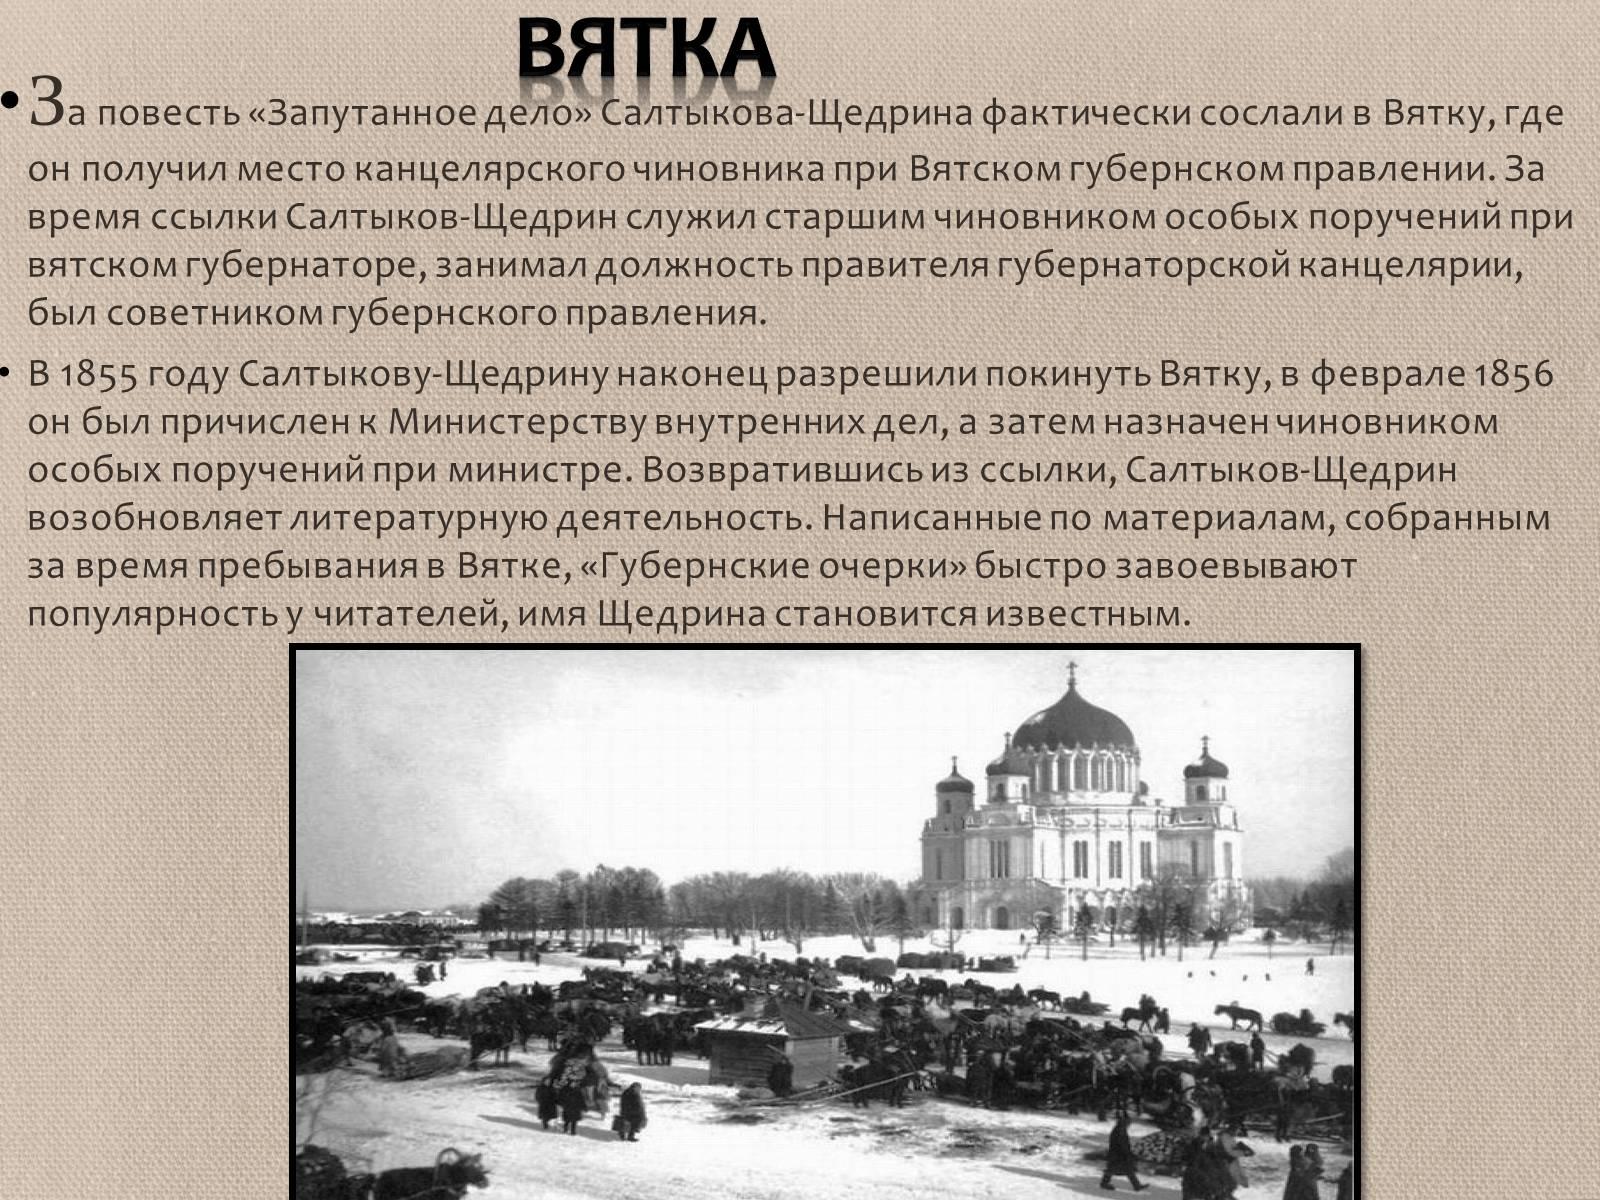 Сокращение Рассказа Запутанное Дело Салтыков-щедрин